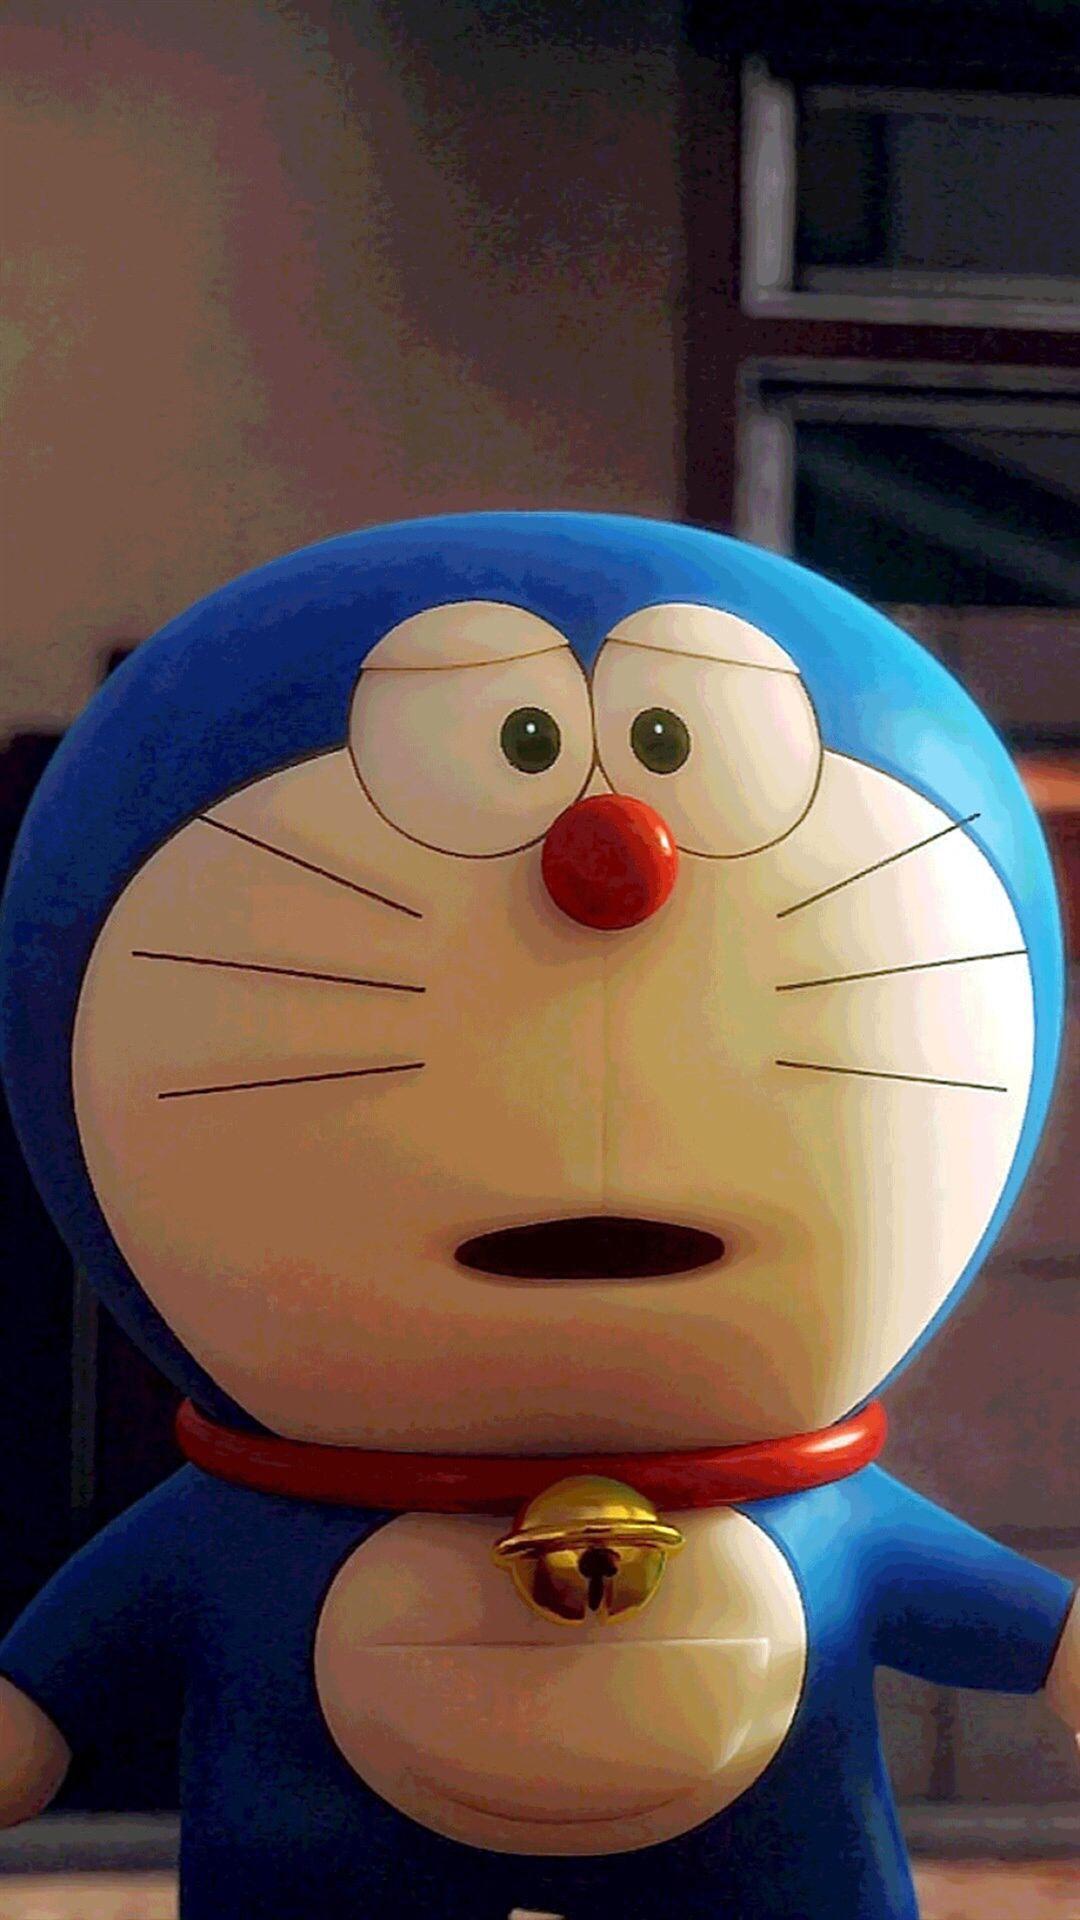 1080x1920 Dễ thương Doraemon Hoạt hình Hình nền iPhone 8 Tải xuống miễn phí